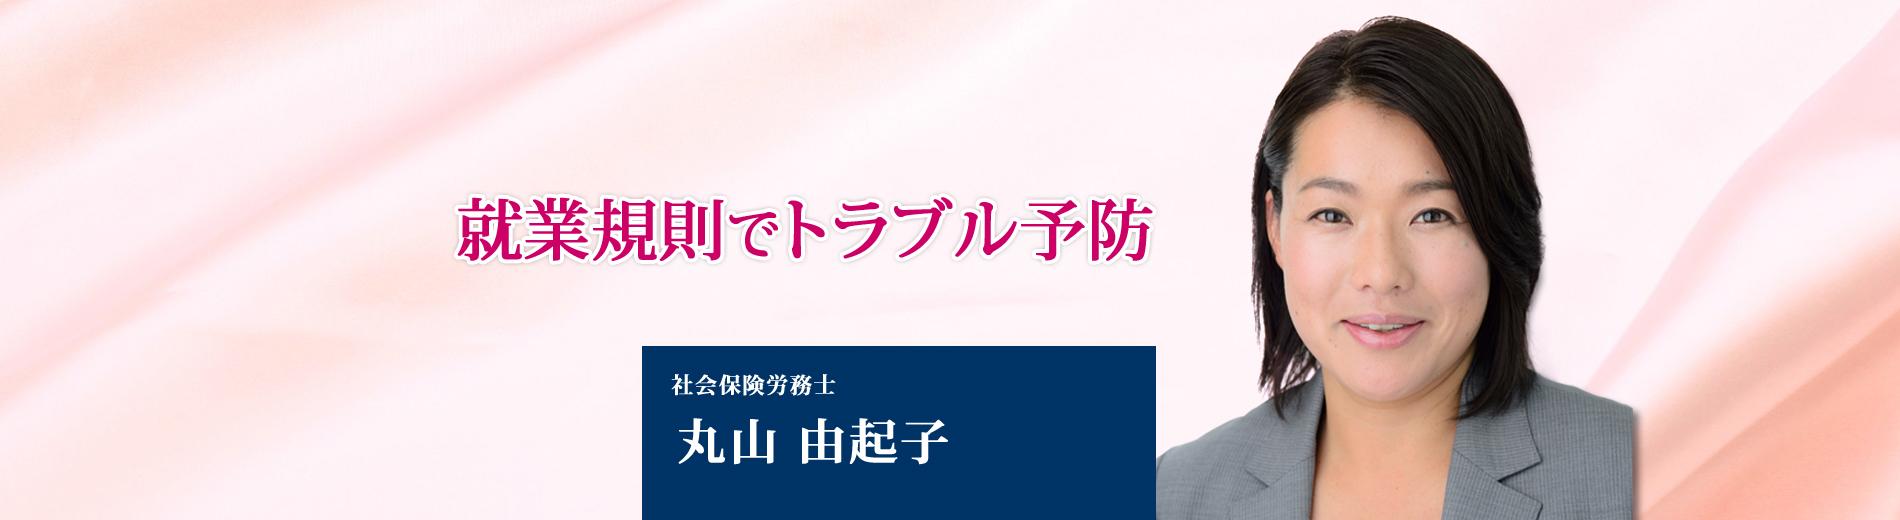 川口 社労士 就業規則 相談の丸山由紀子